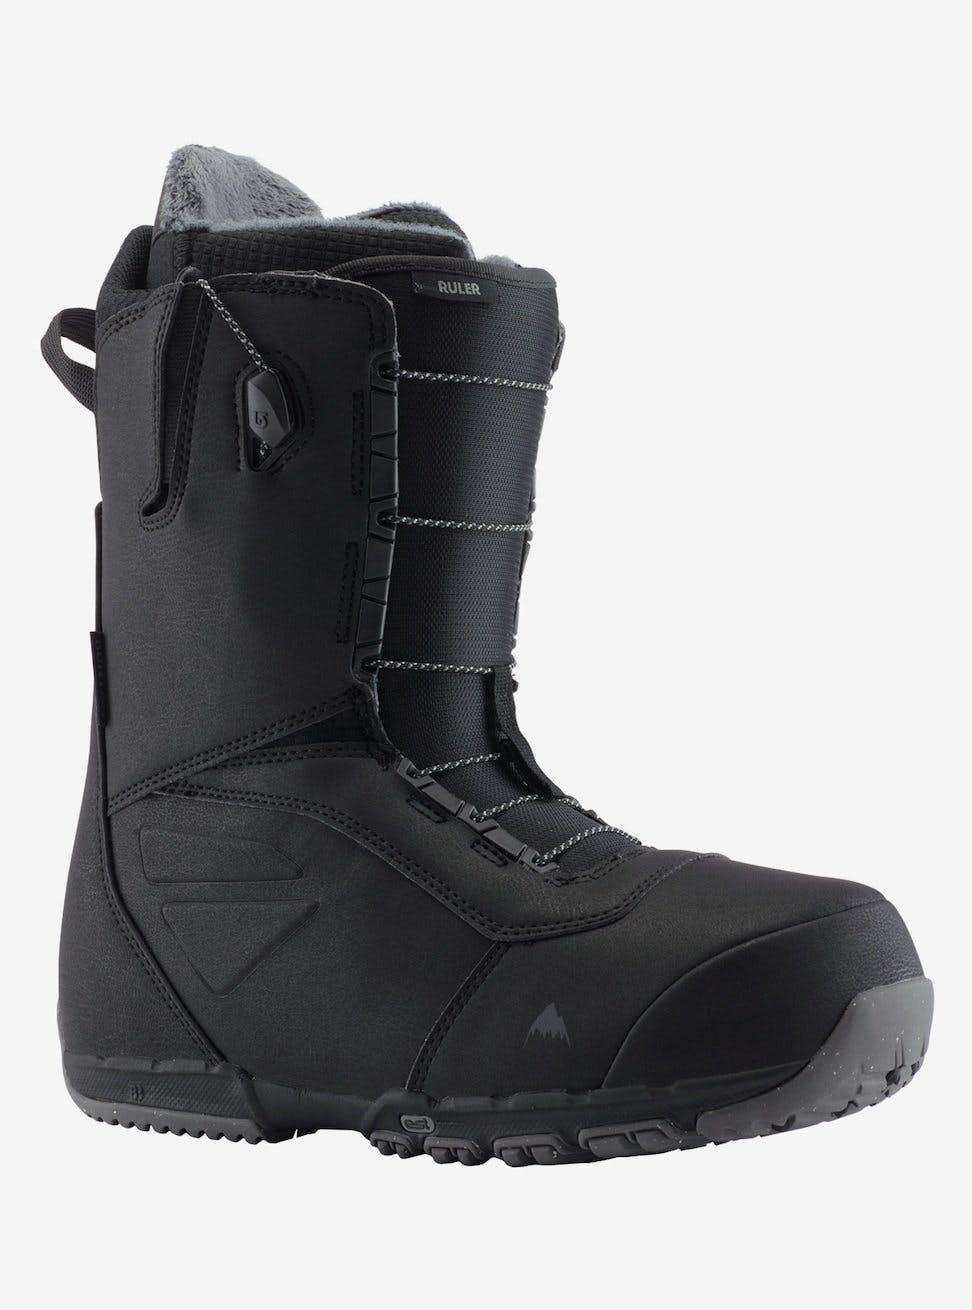 Burton Ruler Snowboard Boots · 2021